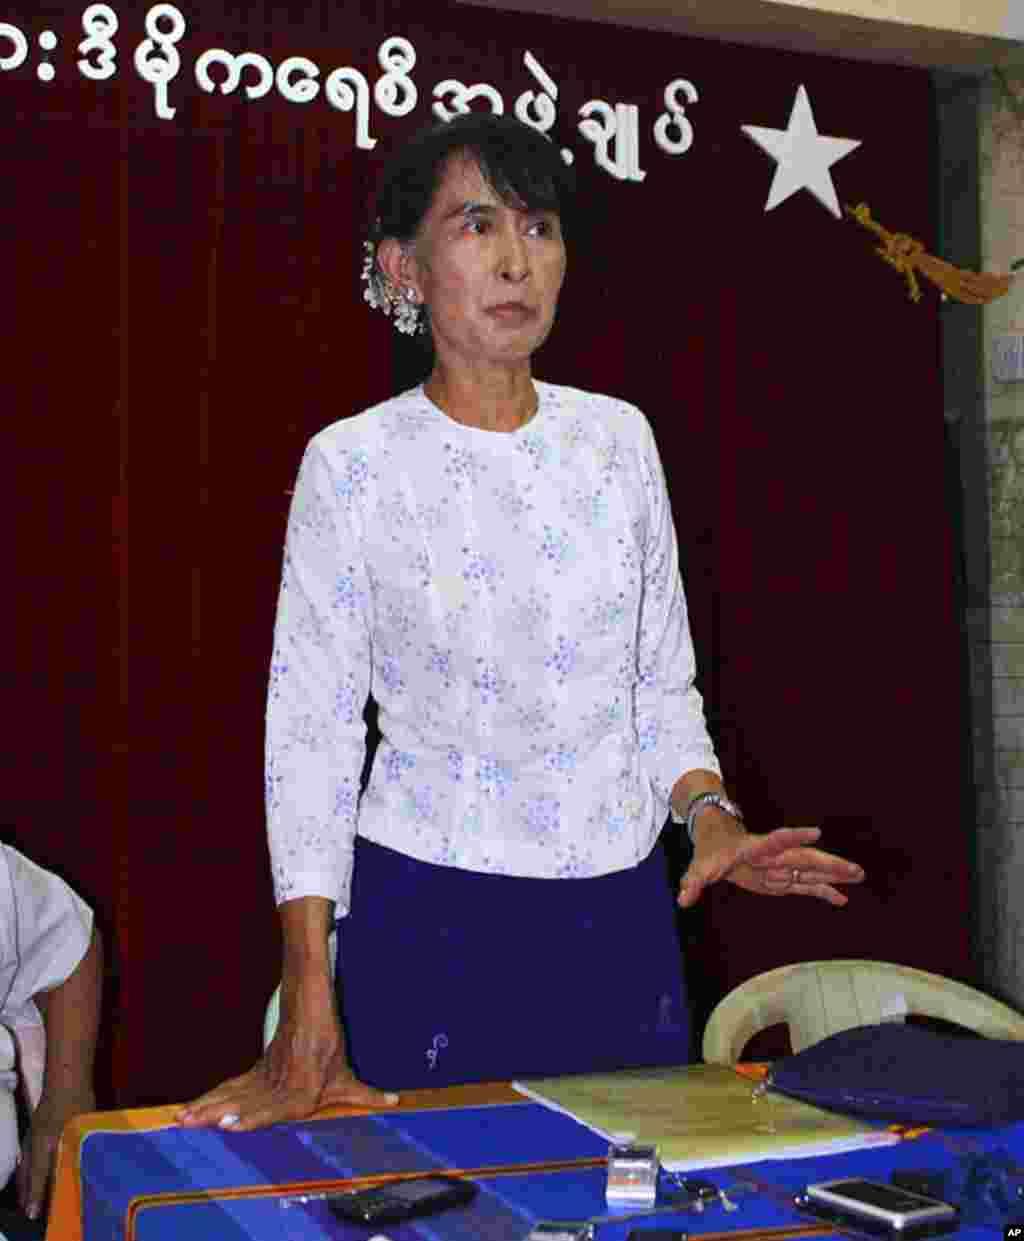 缅甸民主运动领袖昂山素季2012年4月30日在缅甸仰光的全国民主联盟总部与记者谈民主。